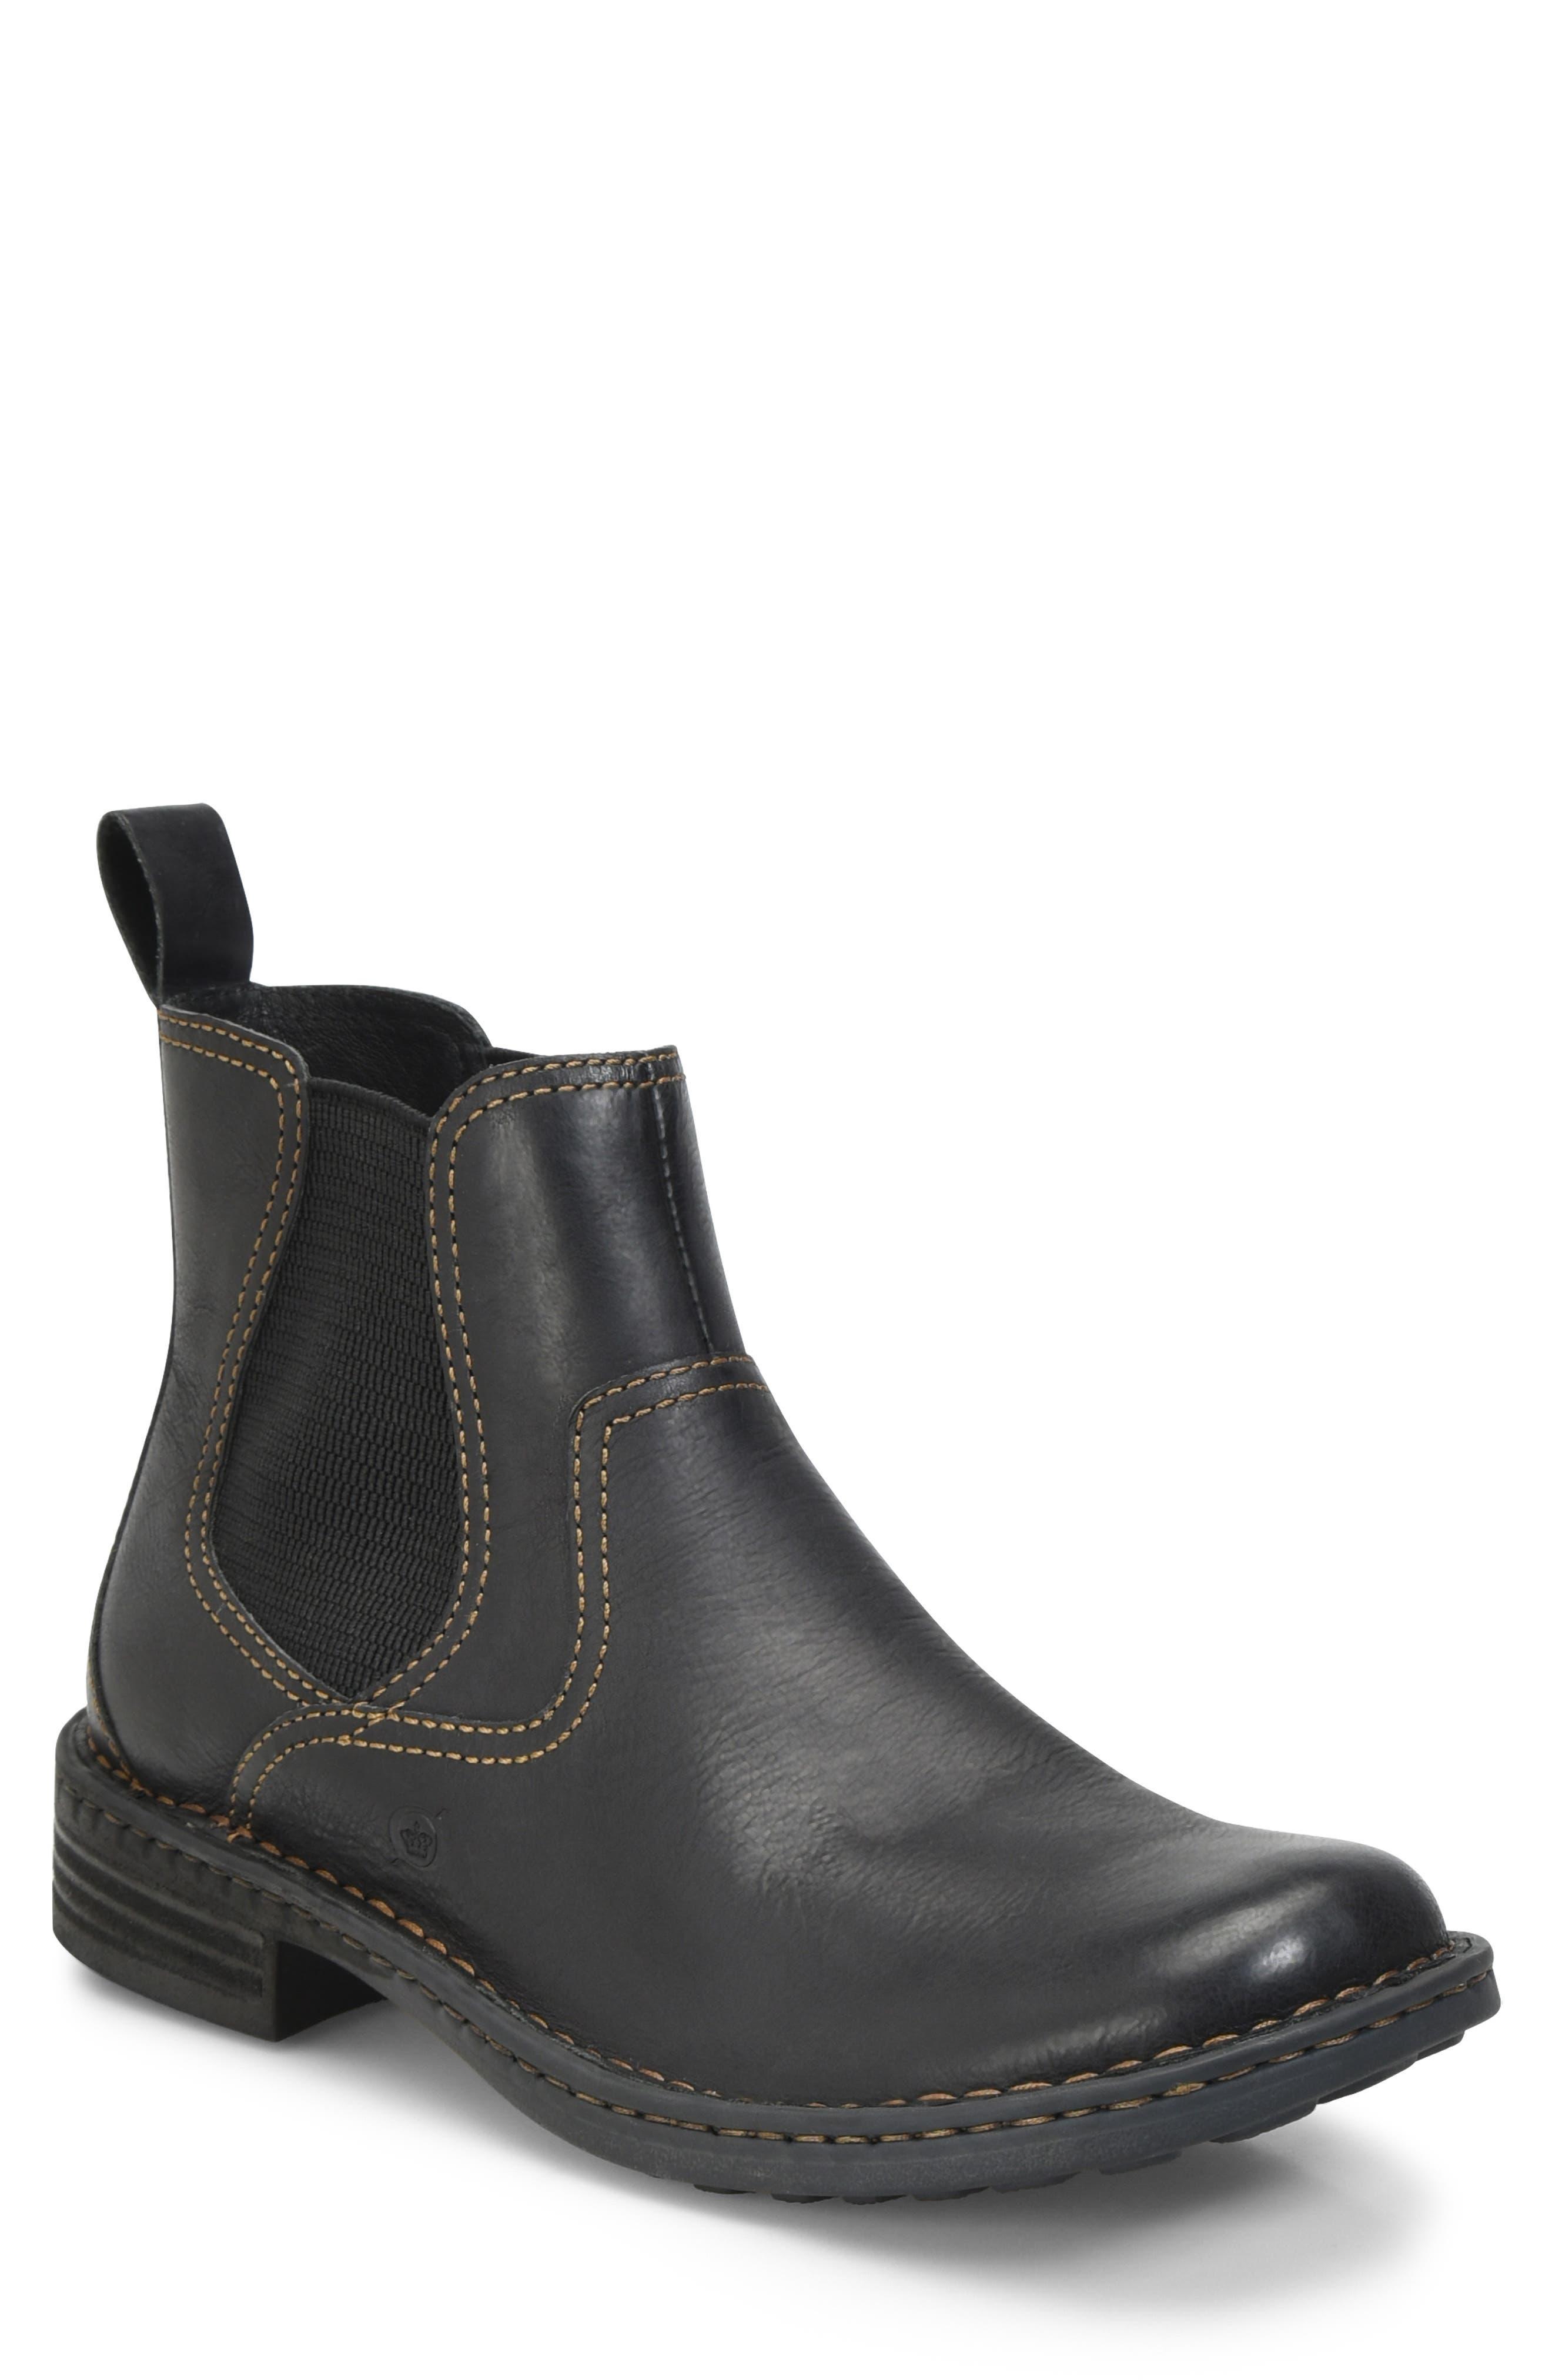 BØRN 'Hemlock' Boot, Main, color, BLACK LEATHER